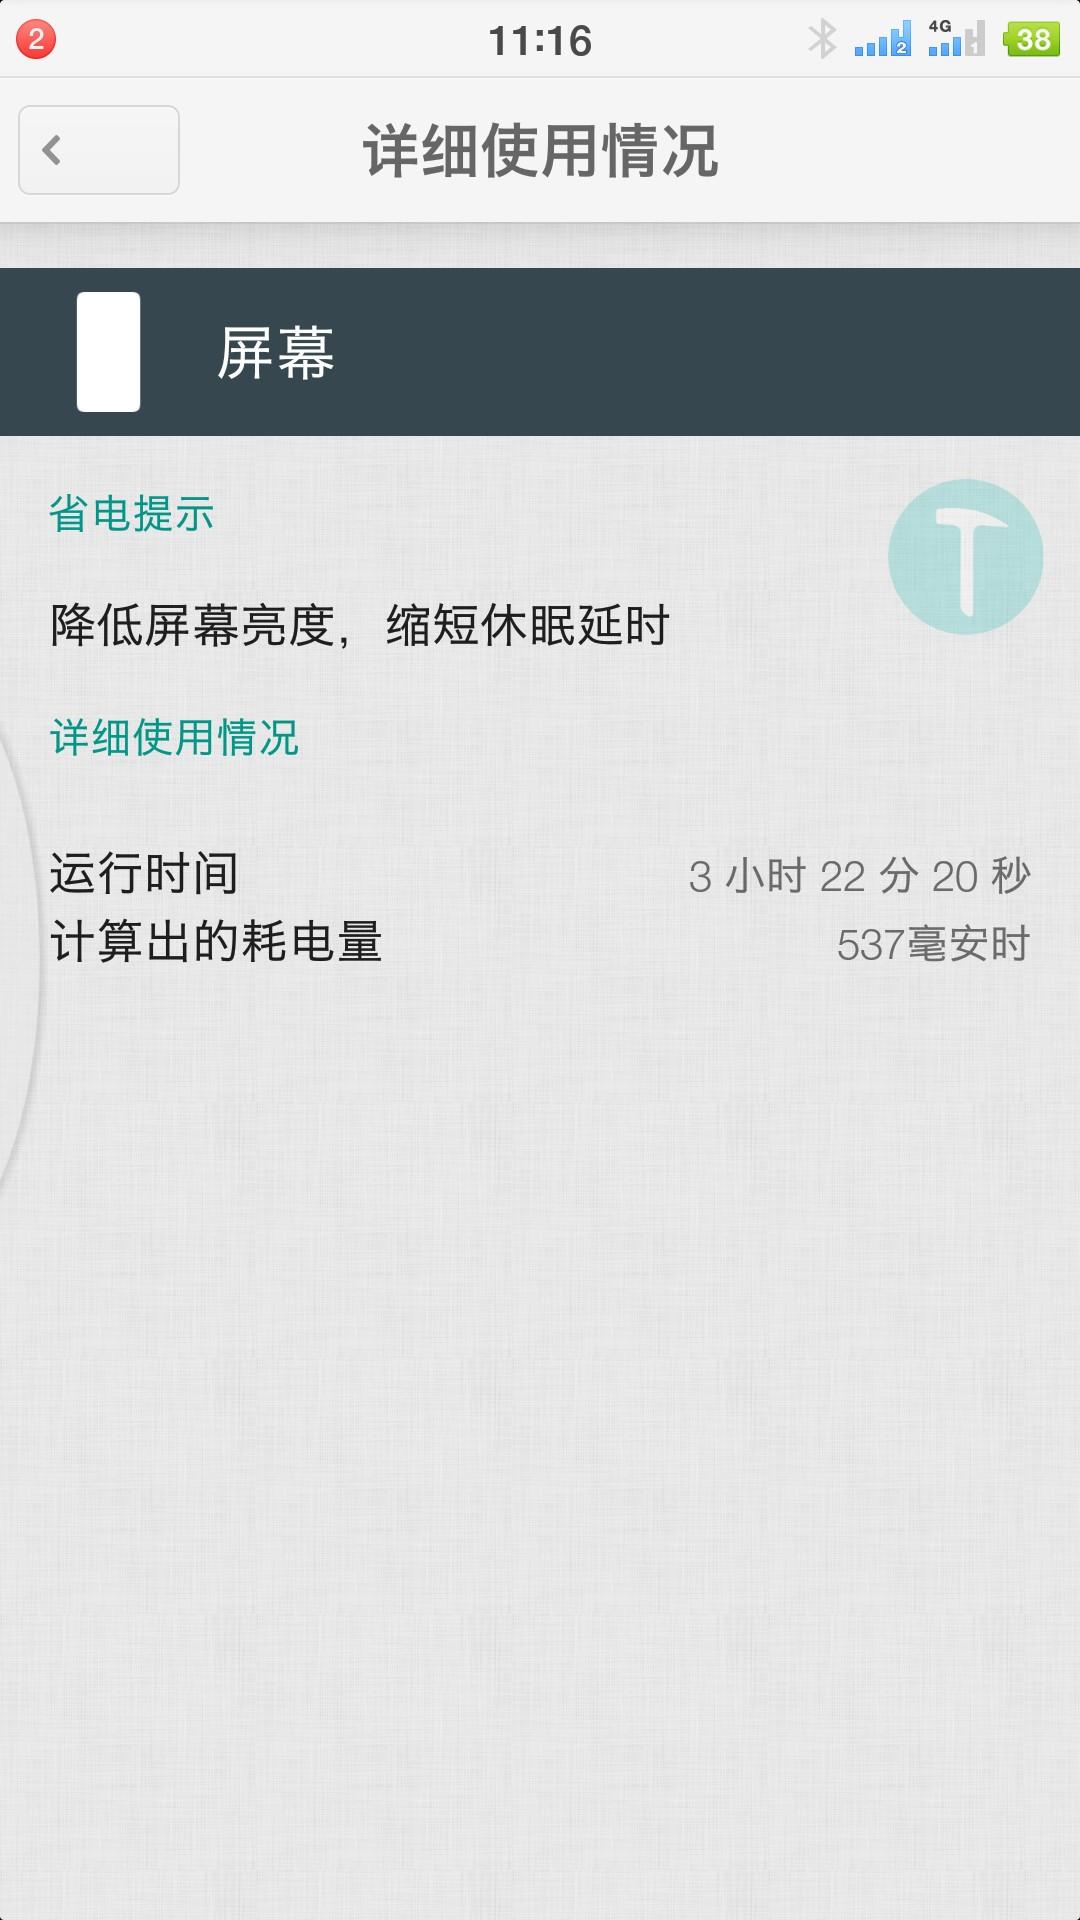 Screenshot_2019-01-10-11-16-45-632_??_compress.png